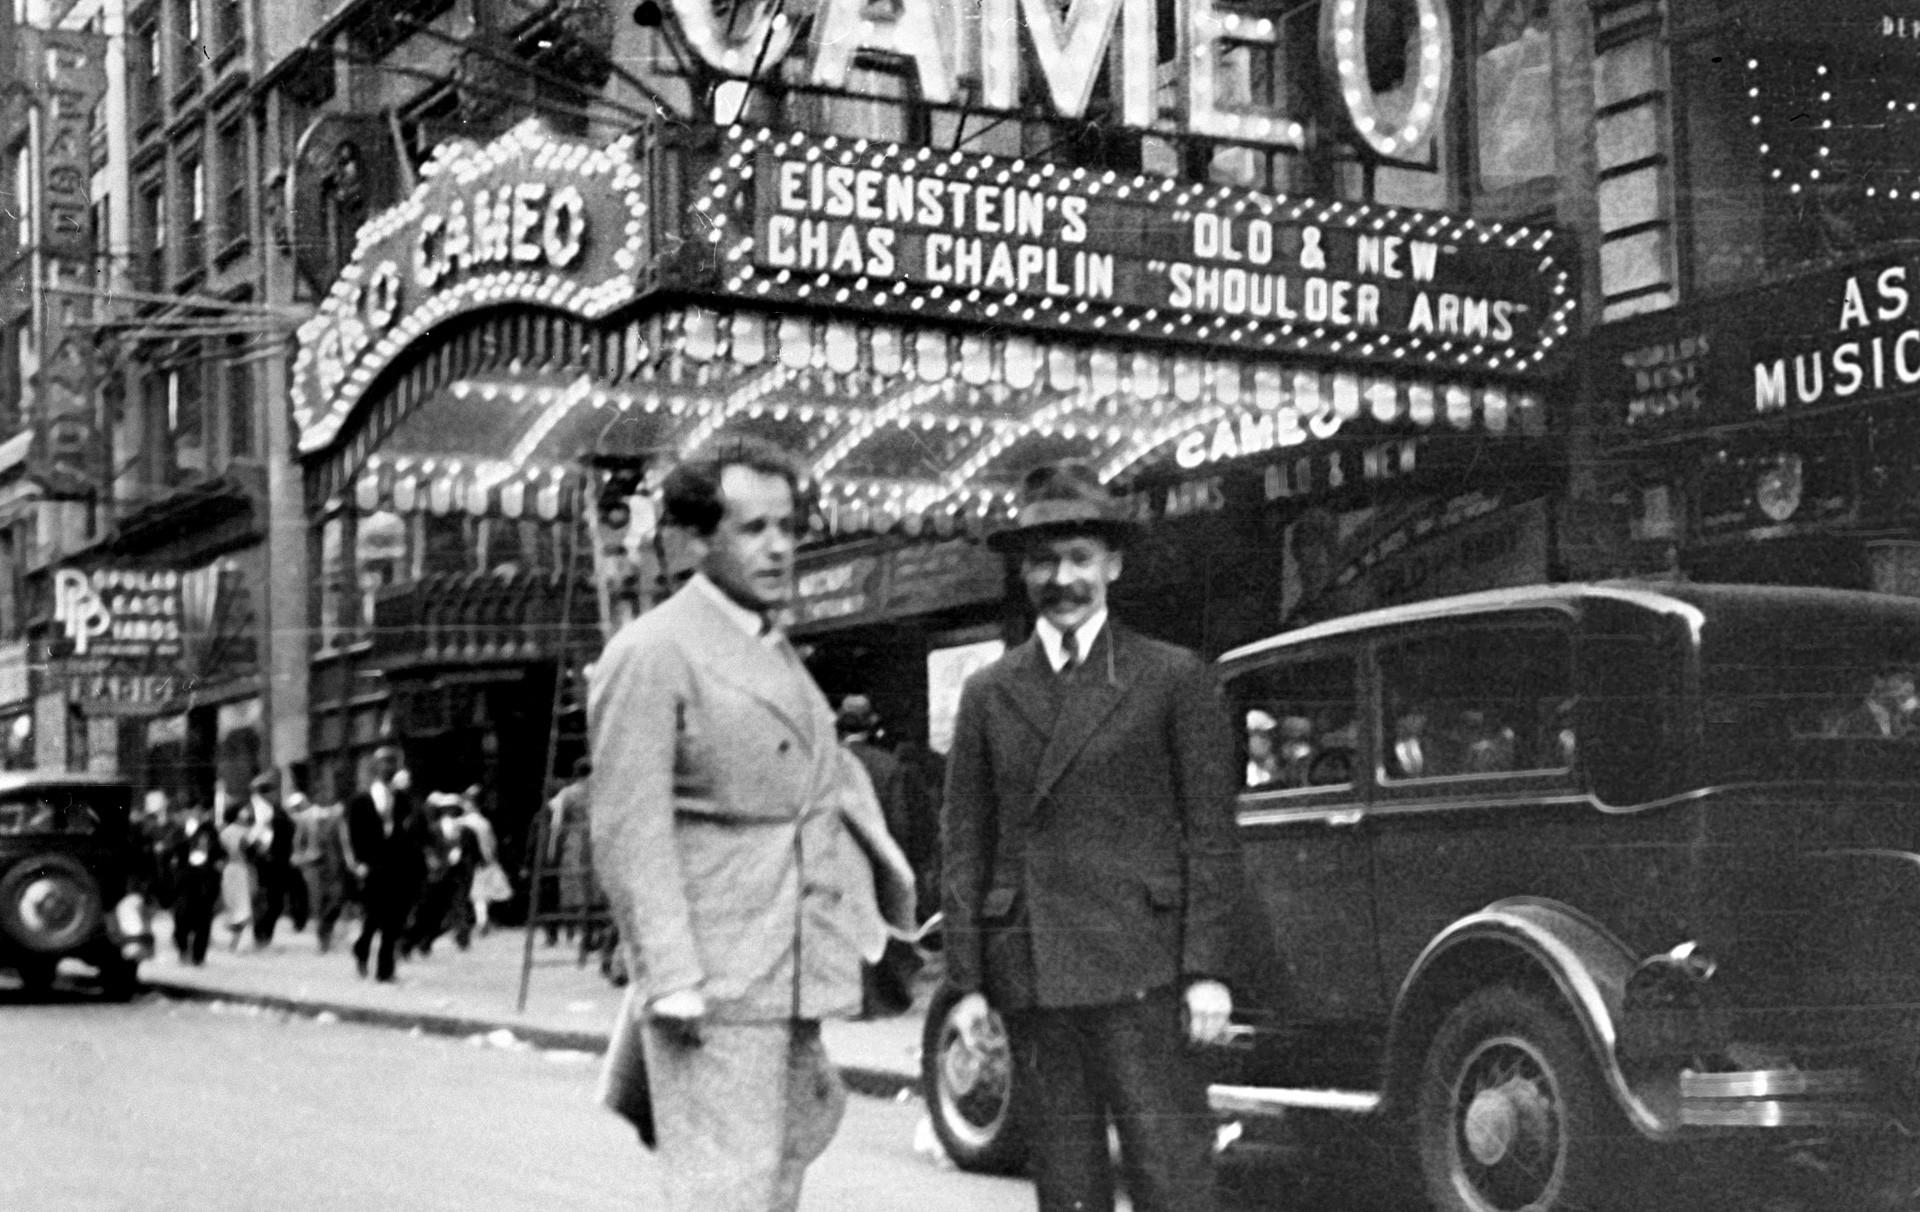 セルゲイ・エイゼンシュテイン(左側)、ニューヨーク、1930年